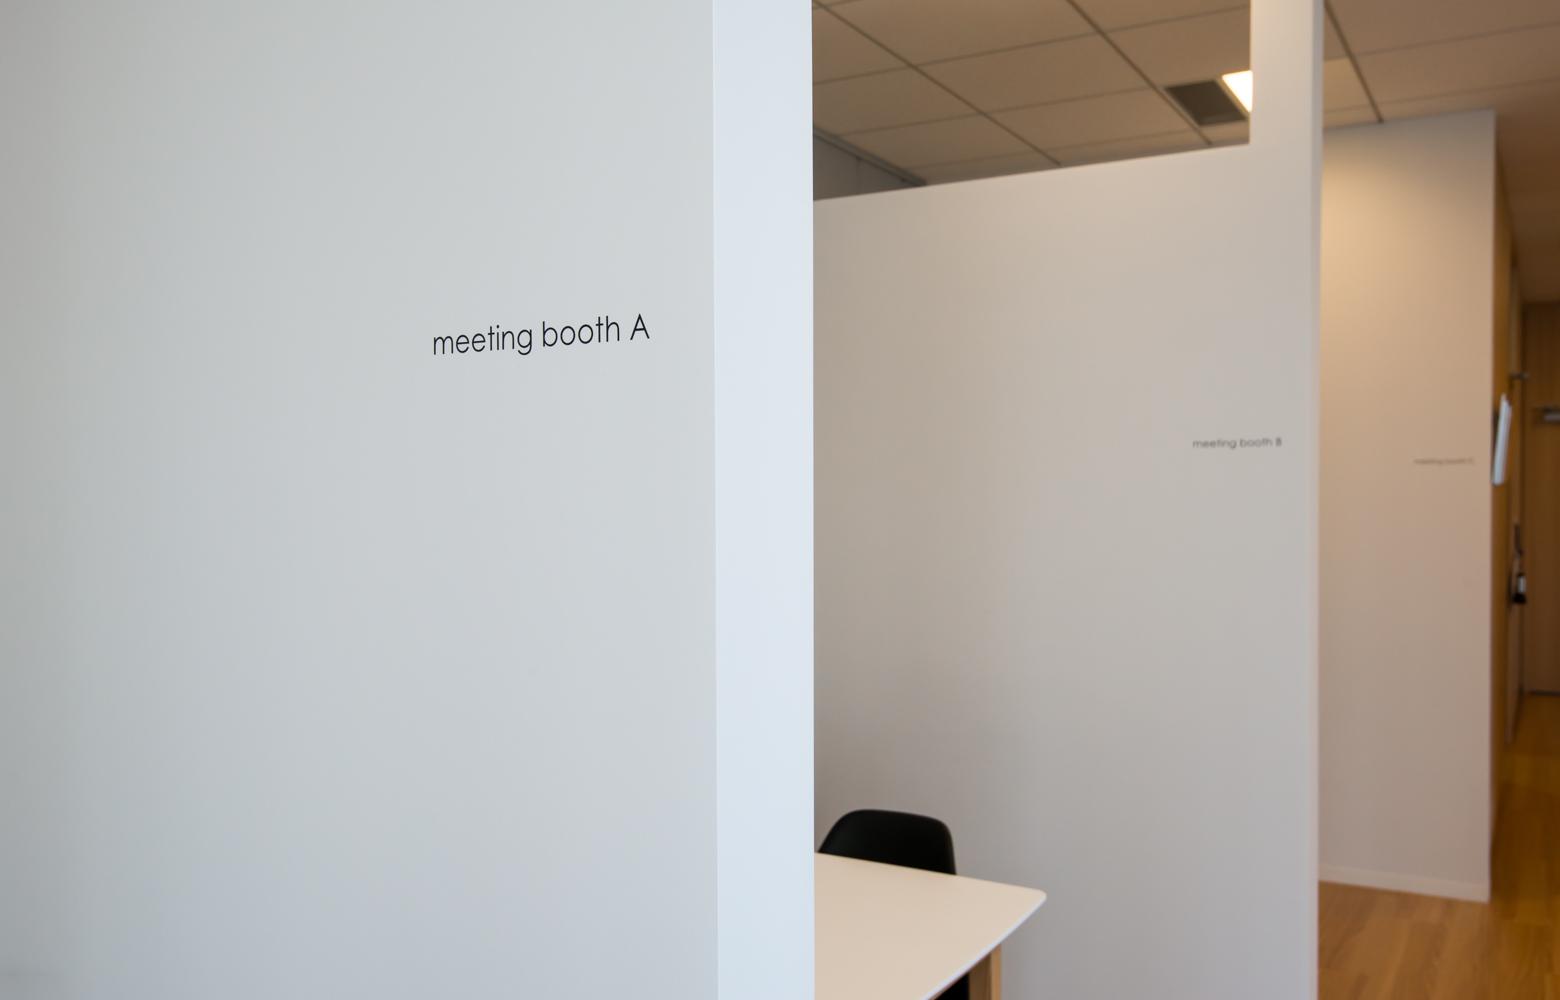 サンテックパワージャパン株式会社 Meeting booth_3 デザイン・レイアウト事例